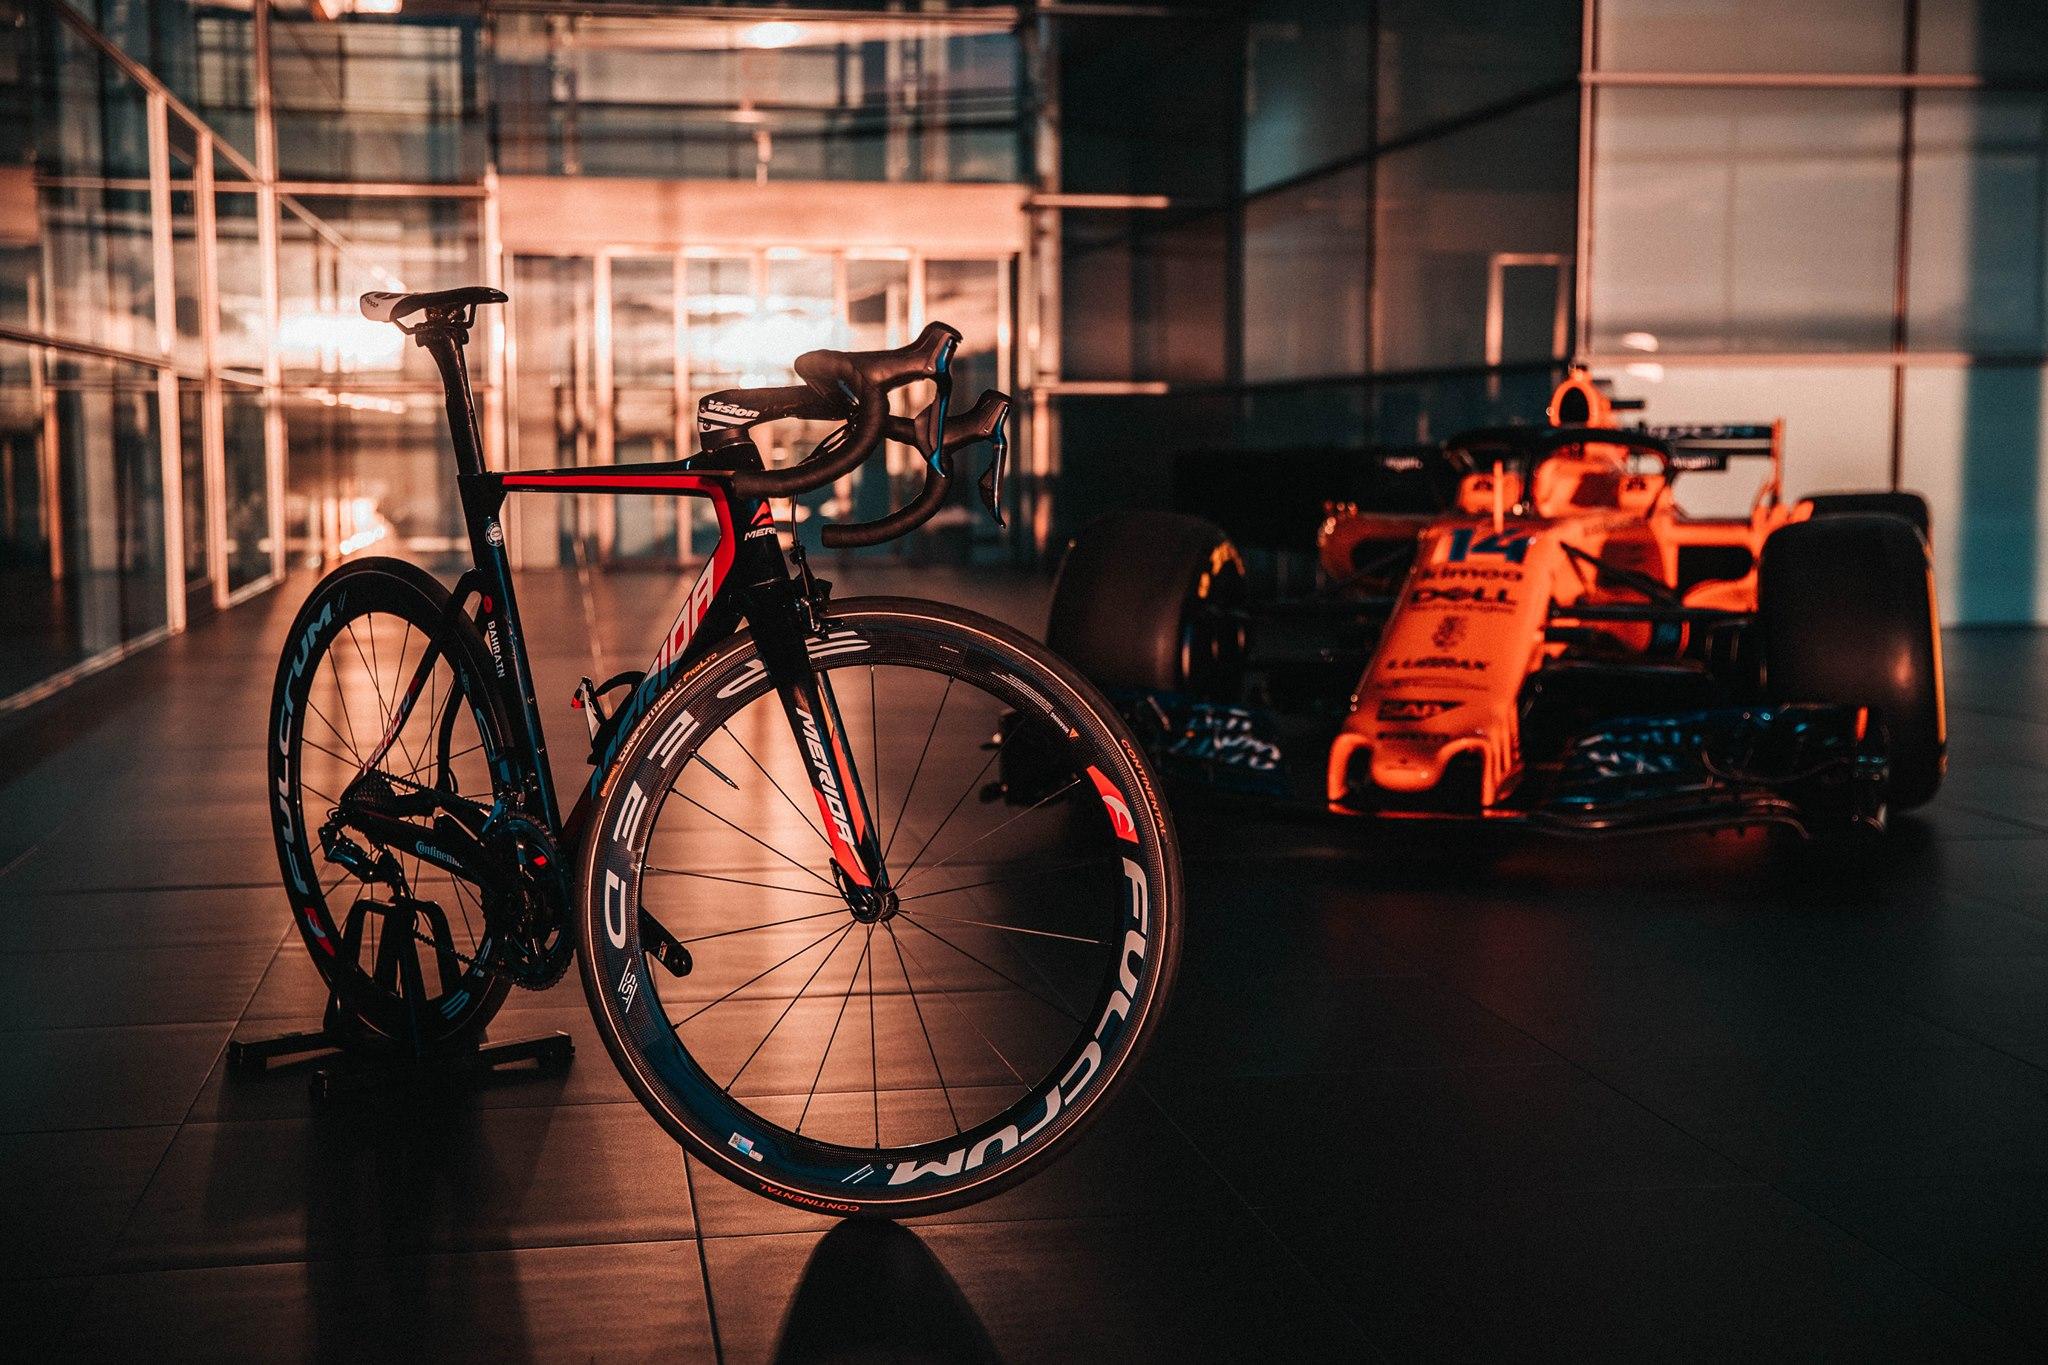 Cyclisme: Nibali va doubler Giro et Tour de France